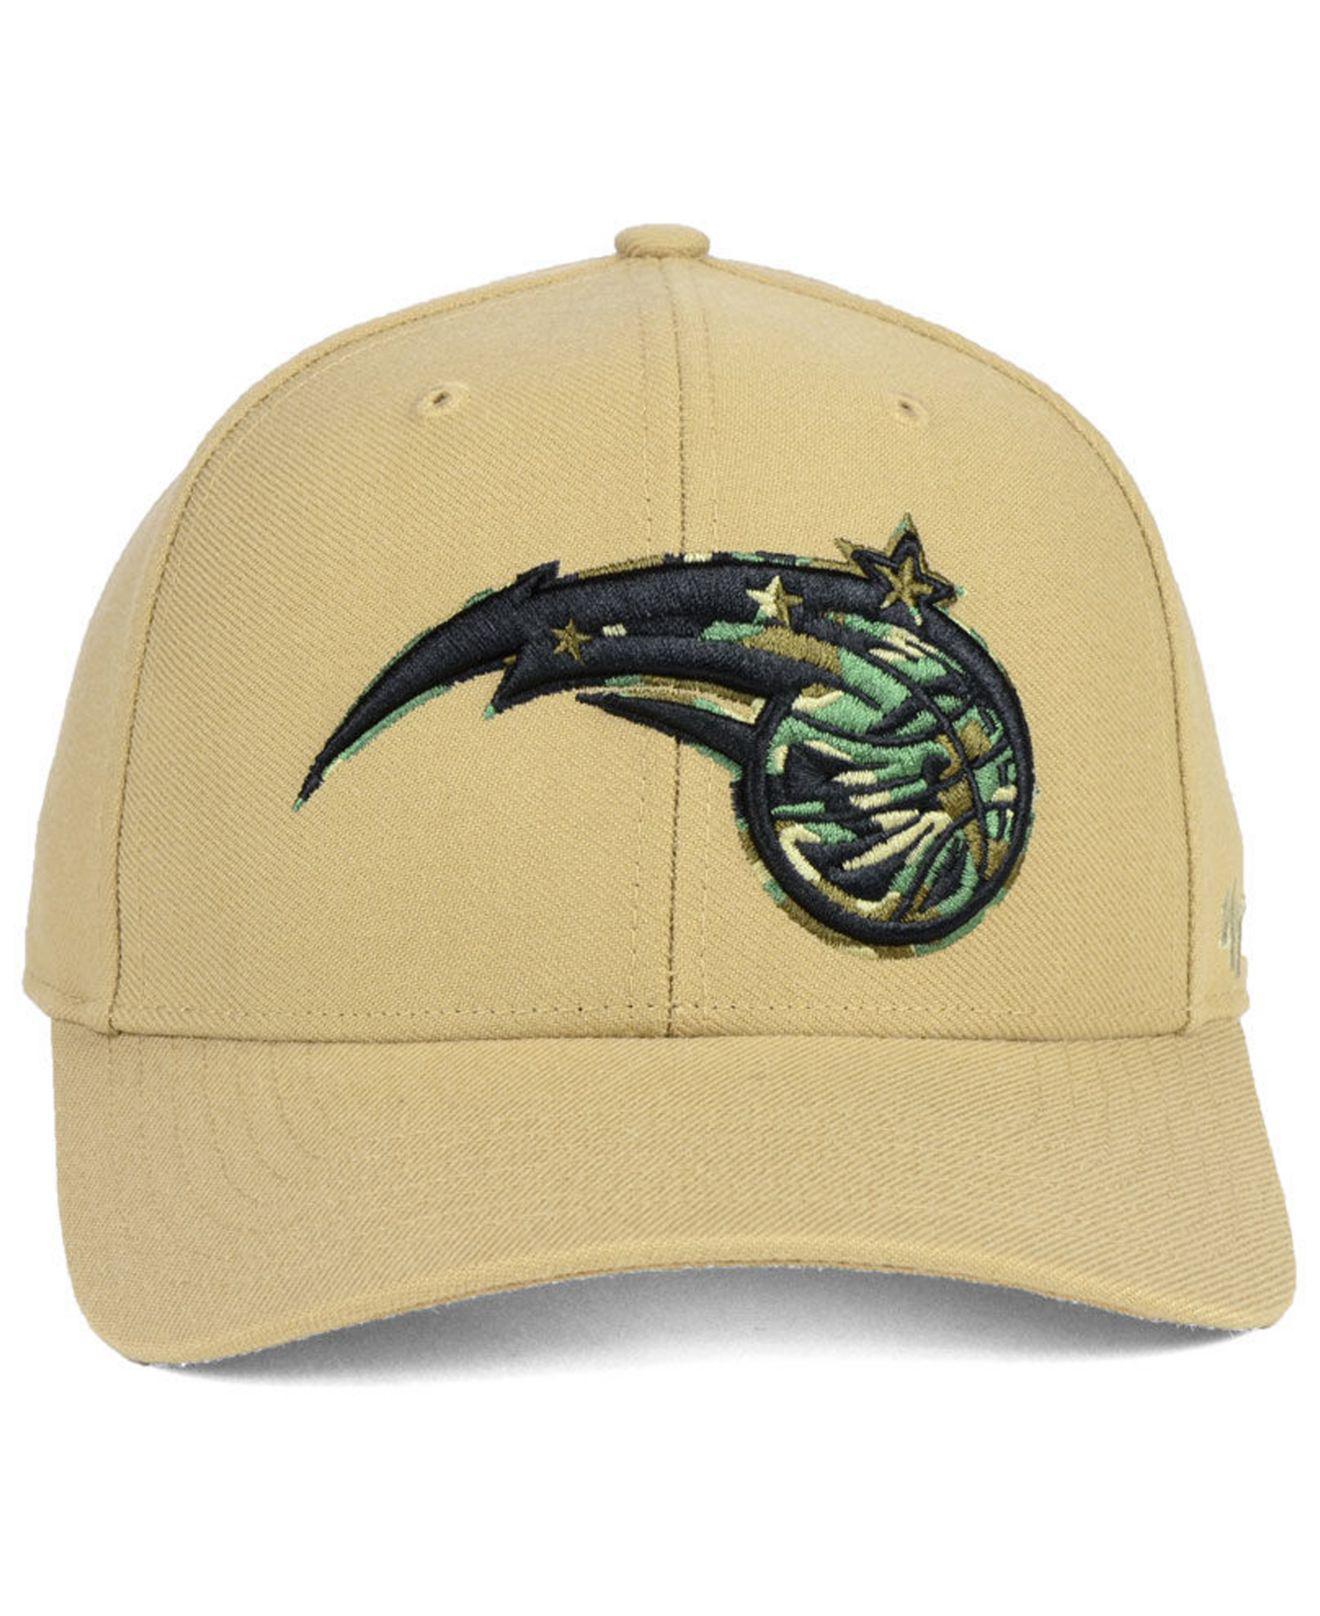 online store 557e1 6ae11 ... authentic lyst 47 brand orlando magic camfill mvp cap for men 92427  30753